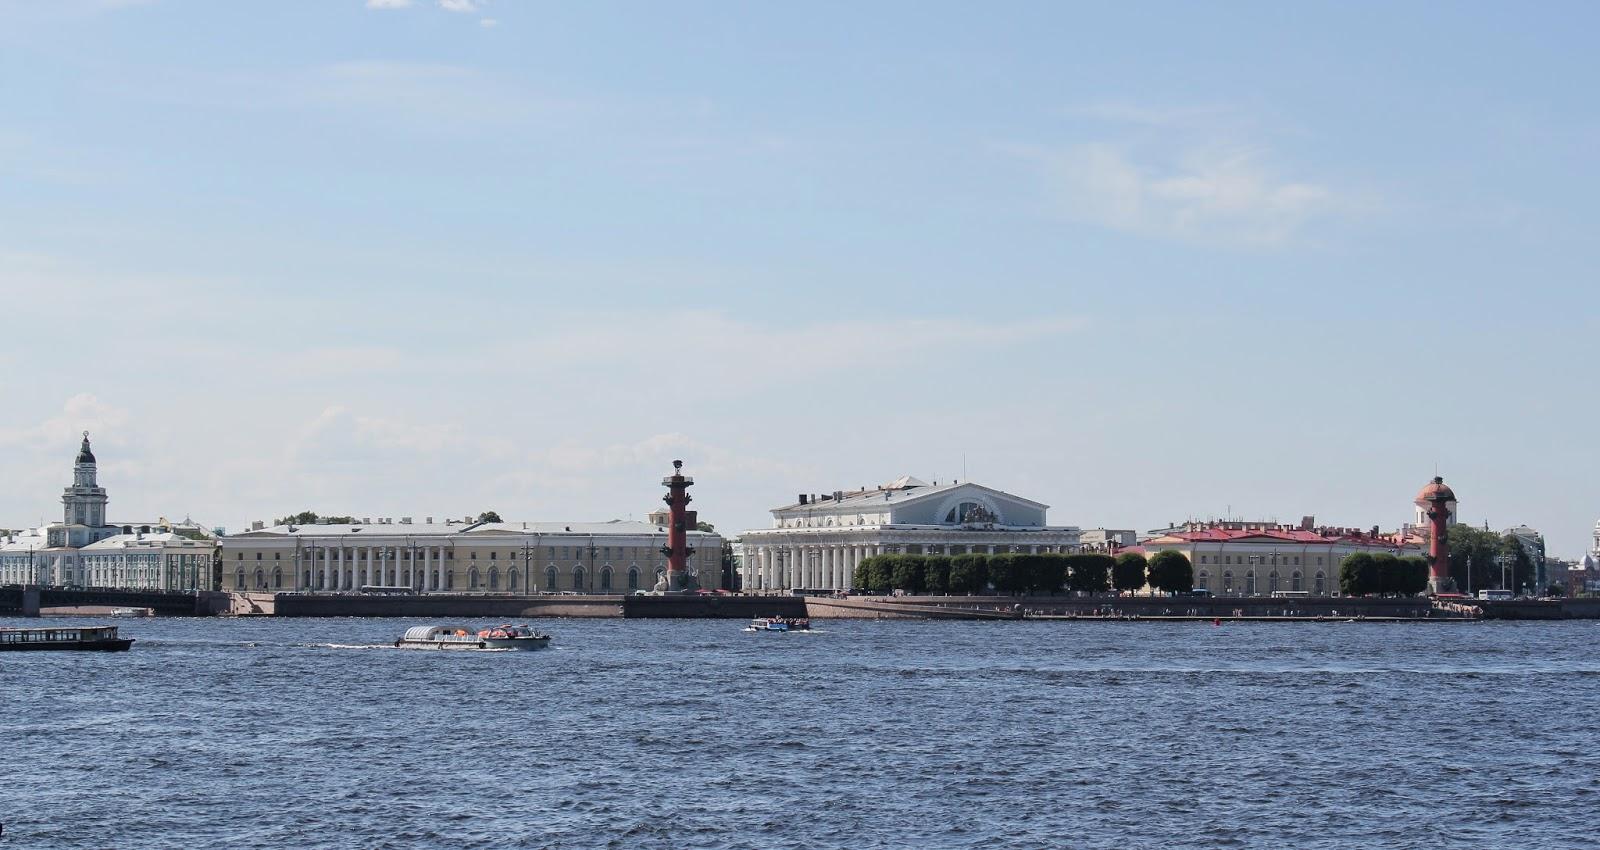 Дворцовая набережная Невы